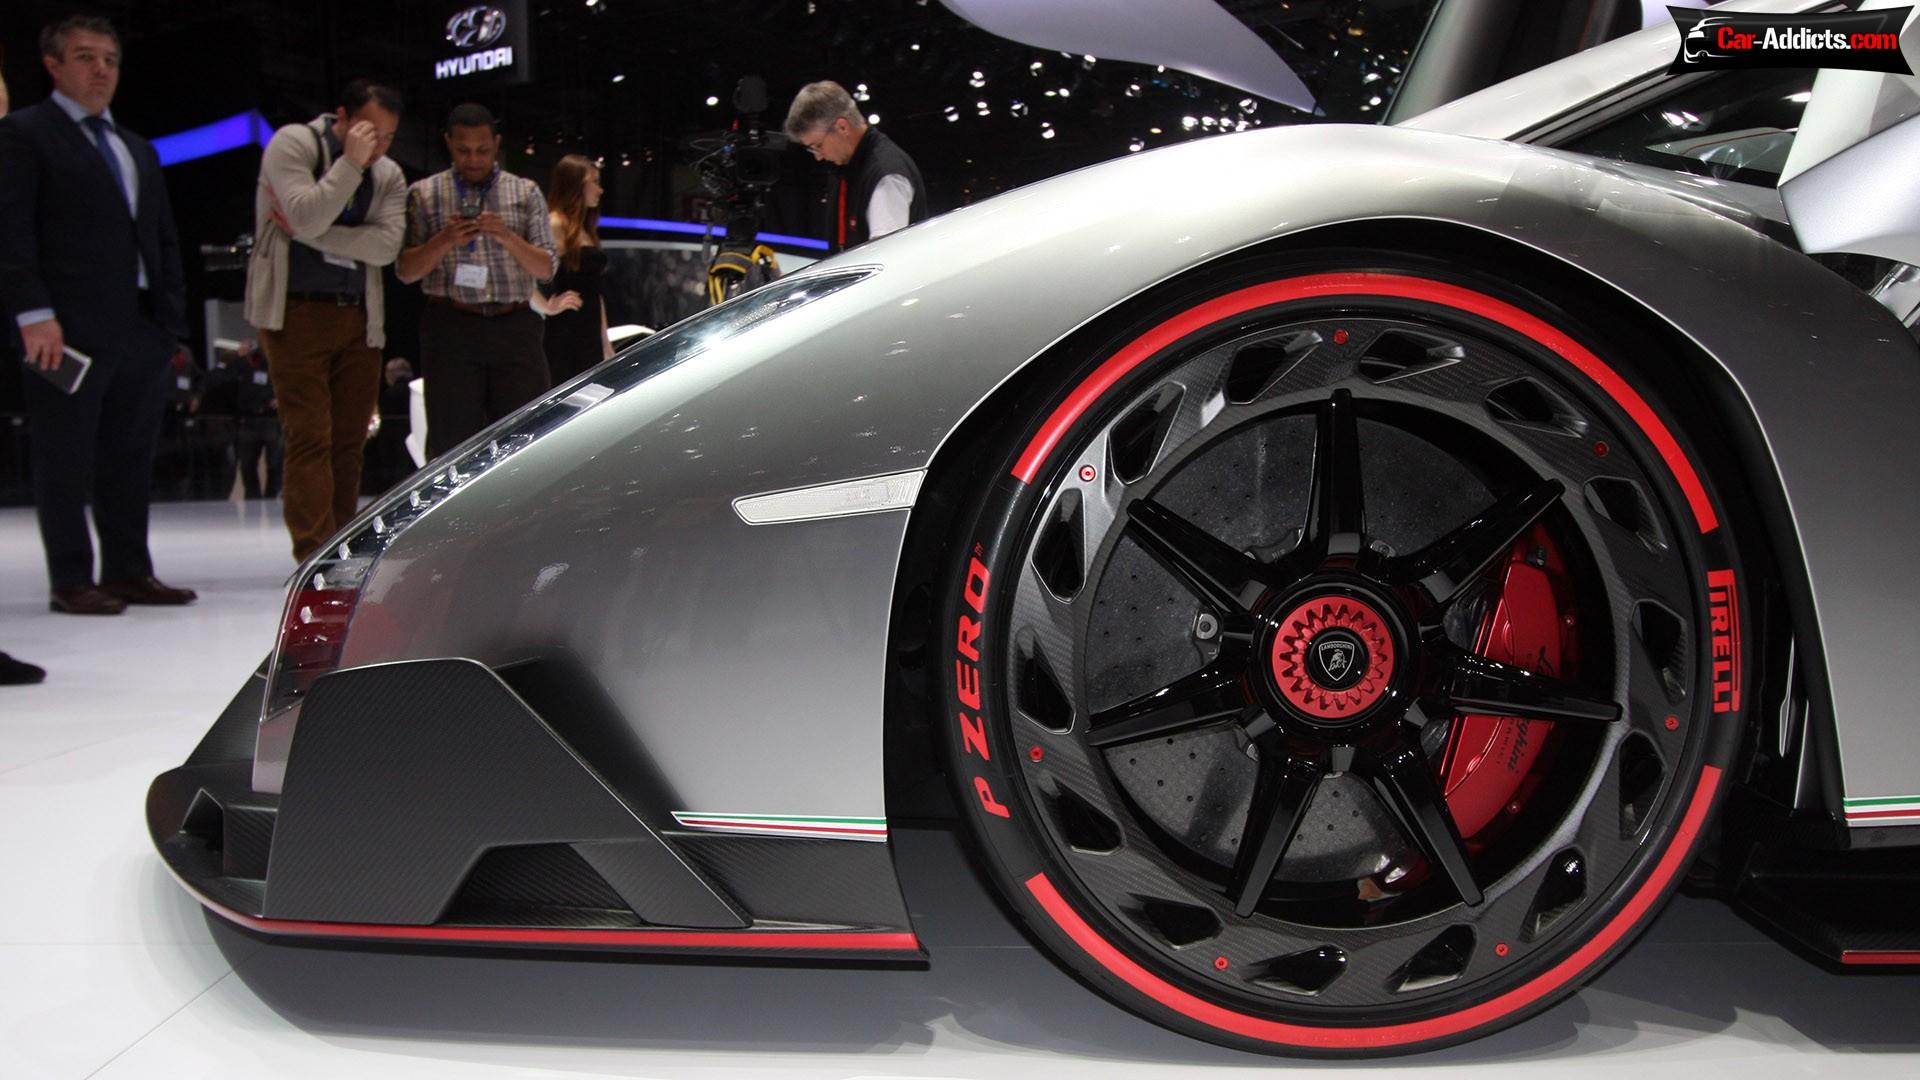 download Lamborghini Veneno Wallpaper Price Wallpapers